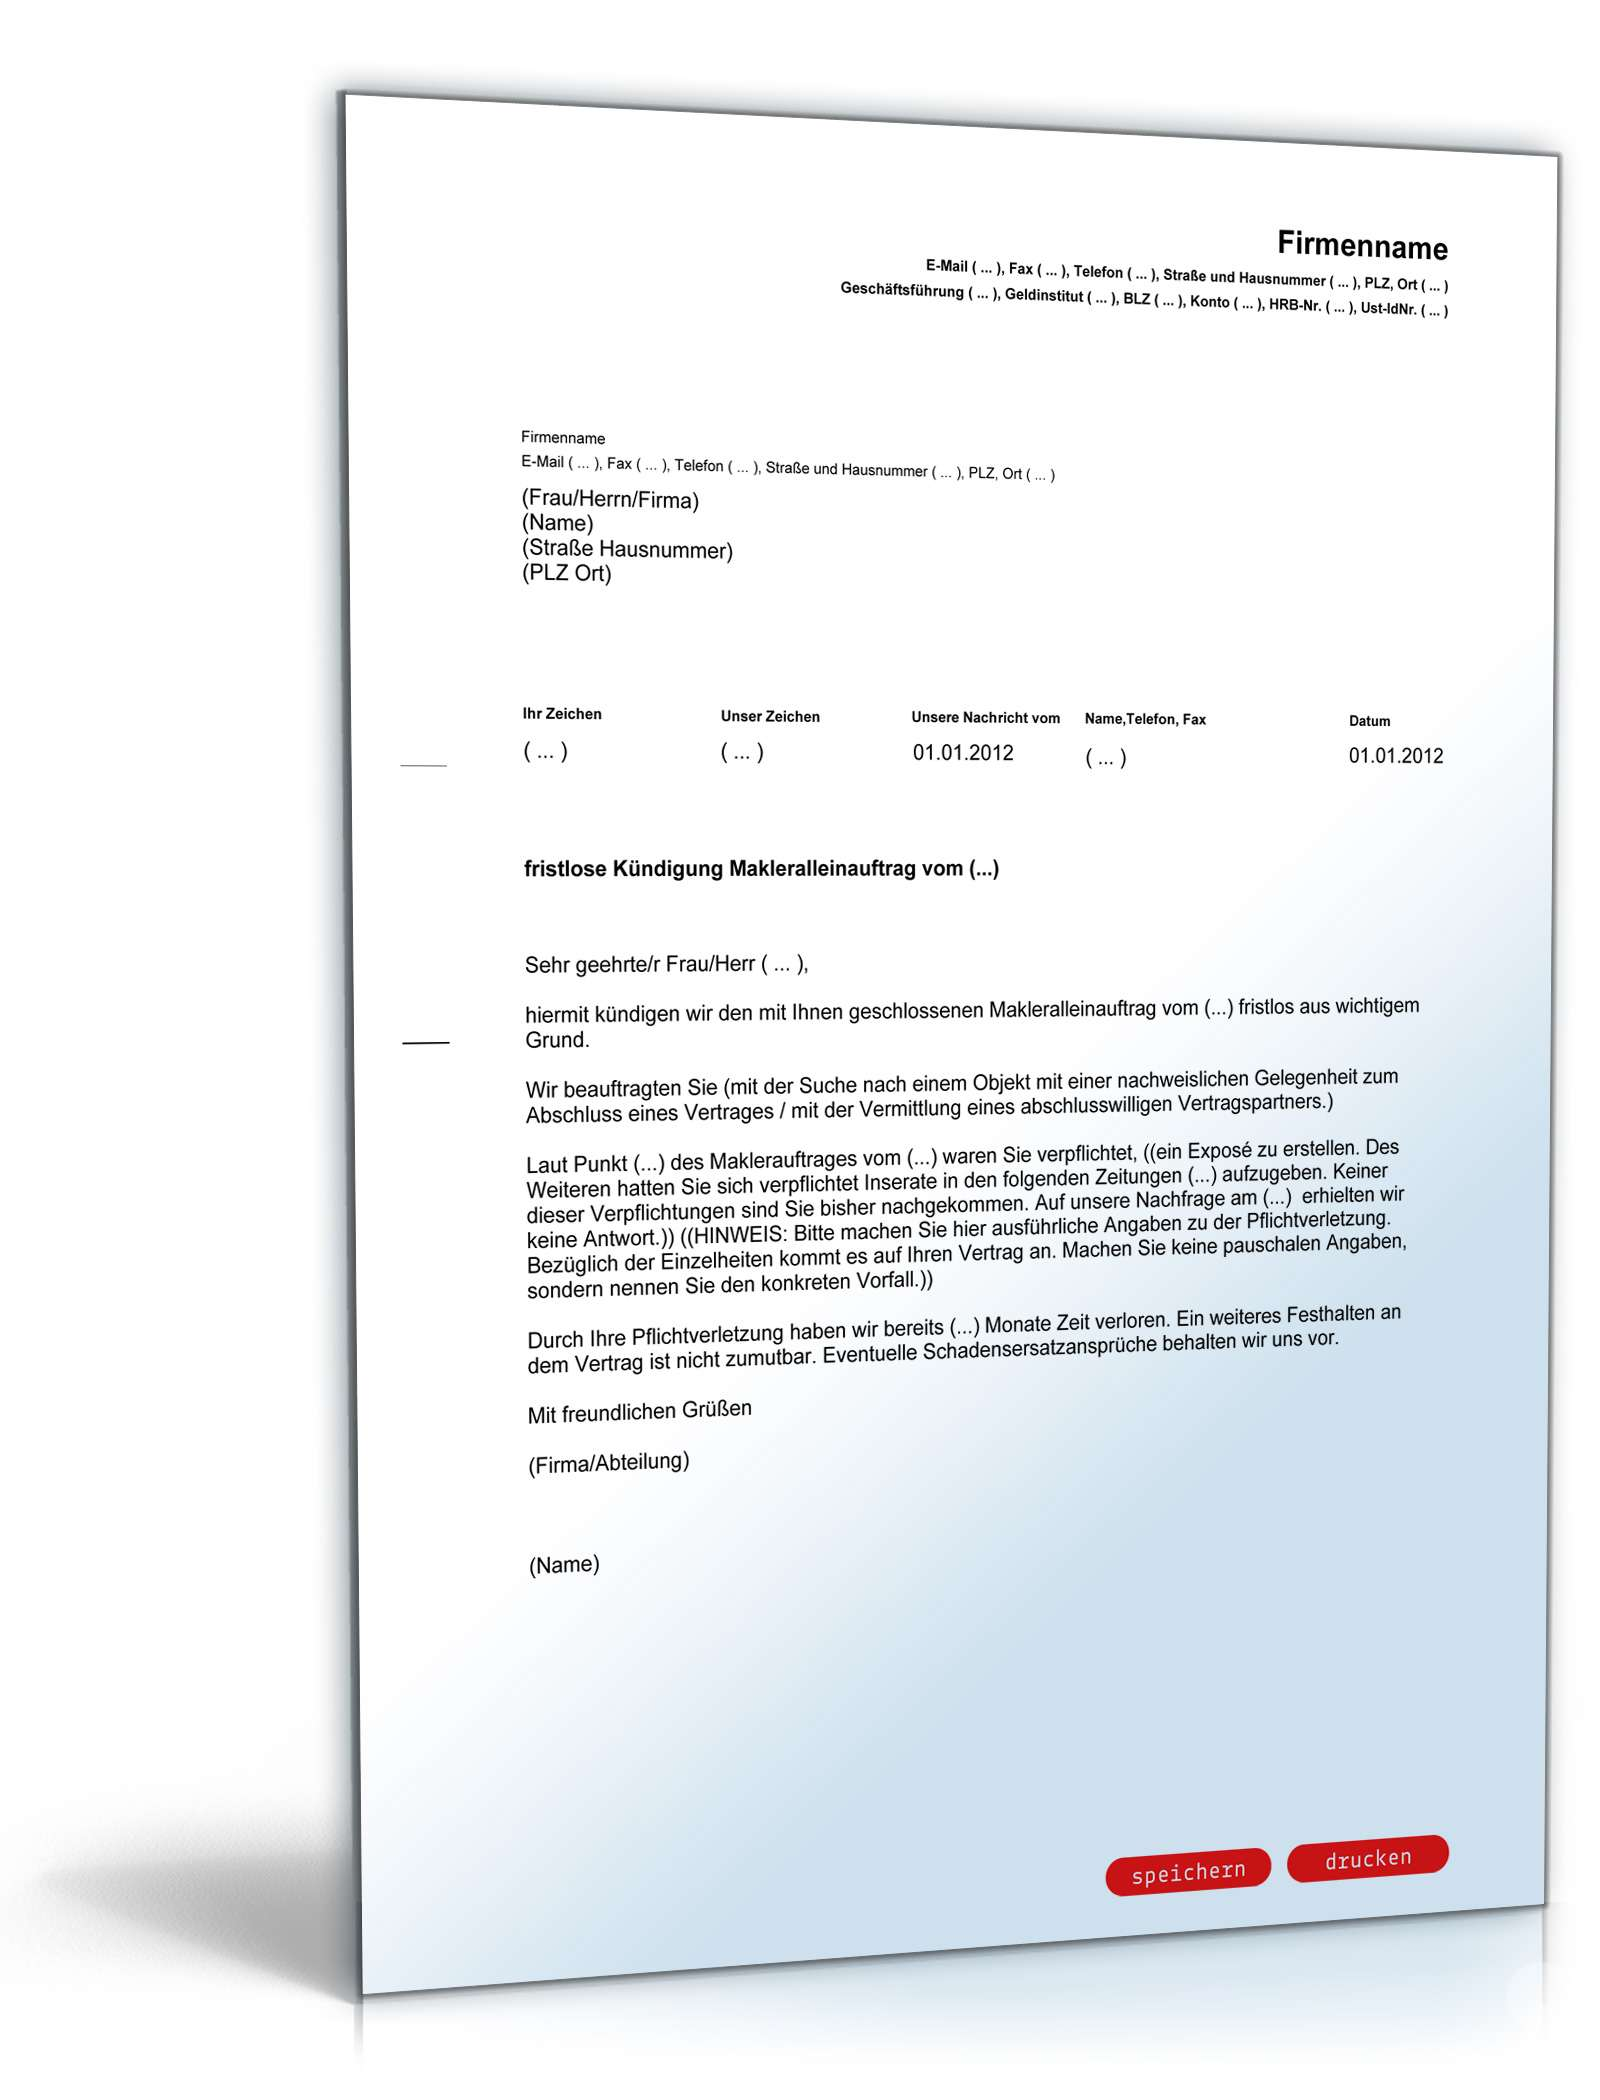 Fristlose Kündigung Makleralleinauftrag Muster Zum Download